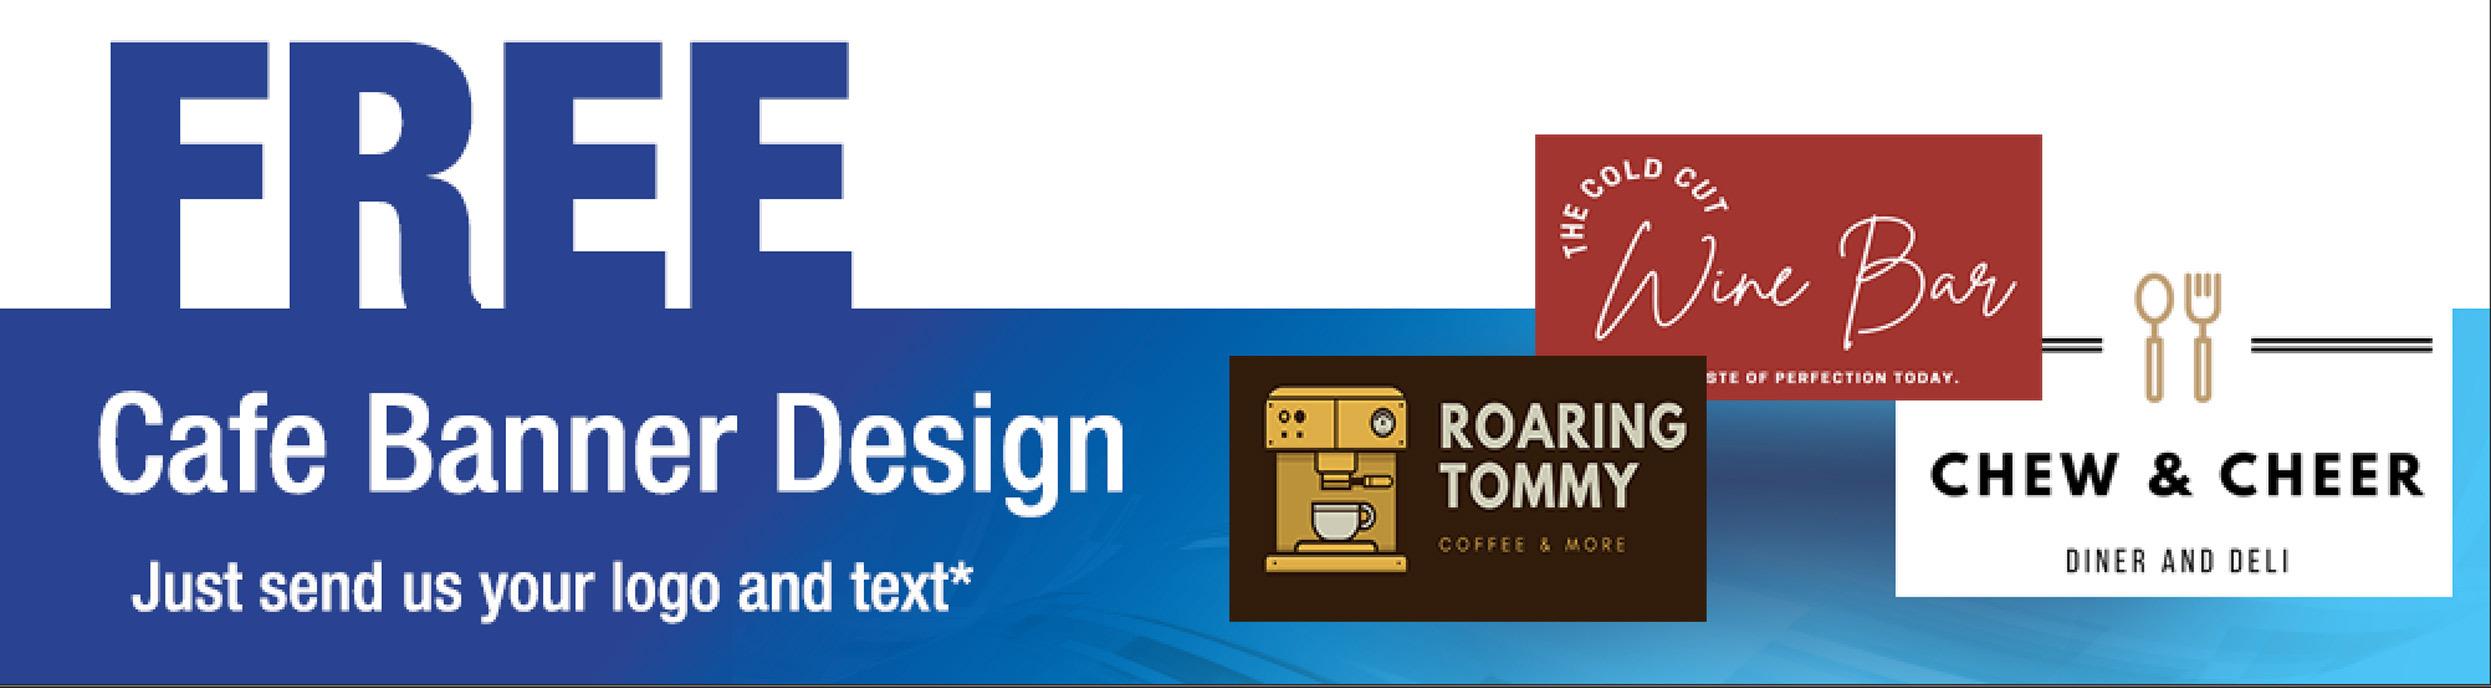 Free Cafe Banner Design